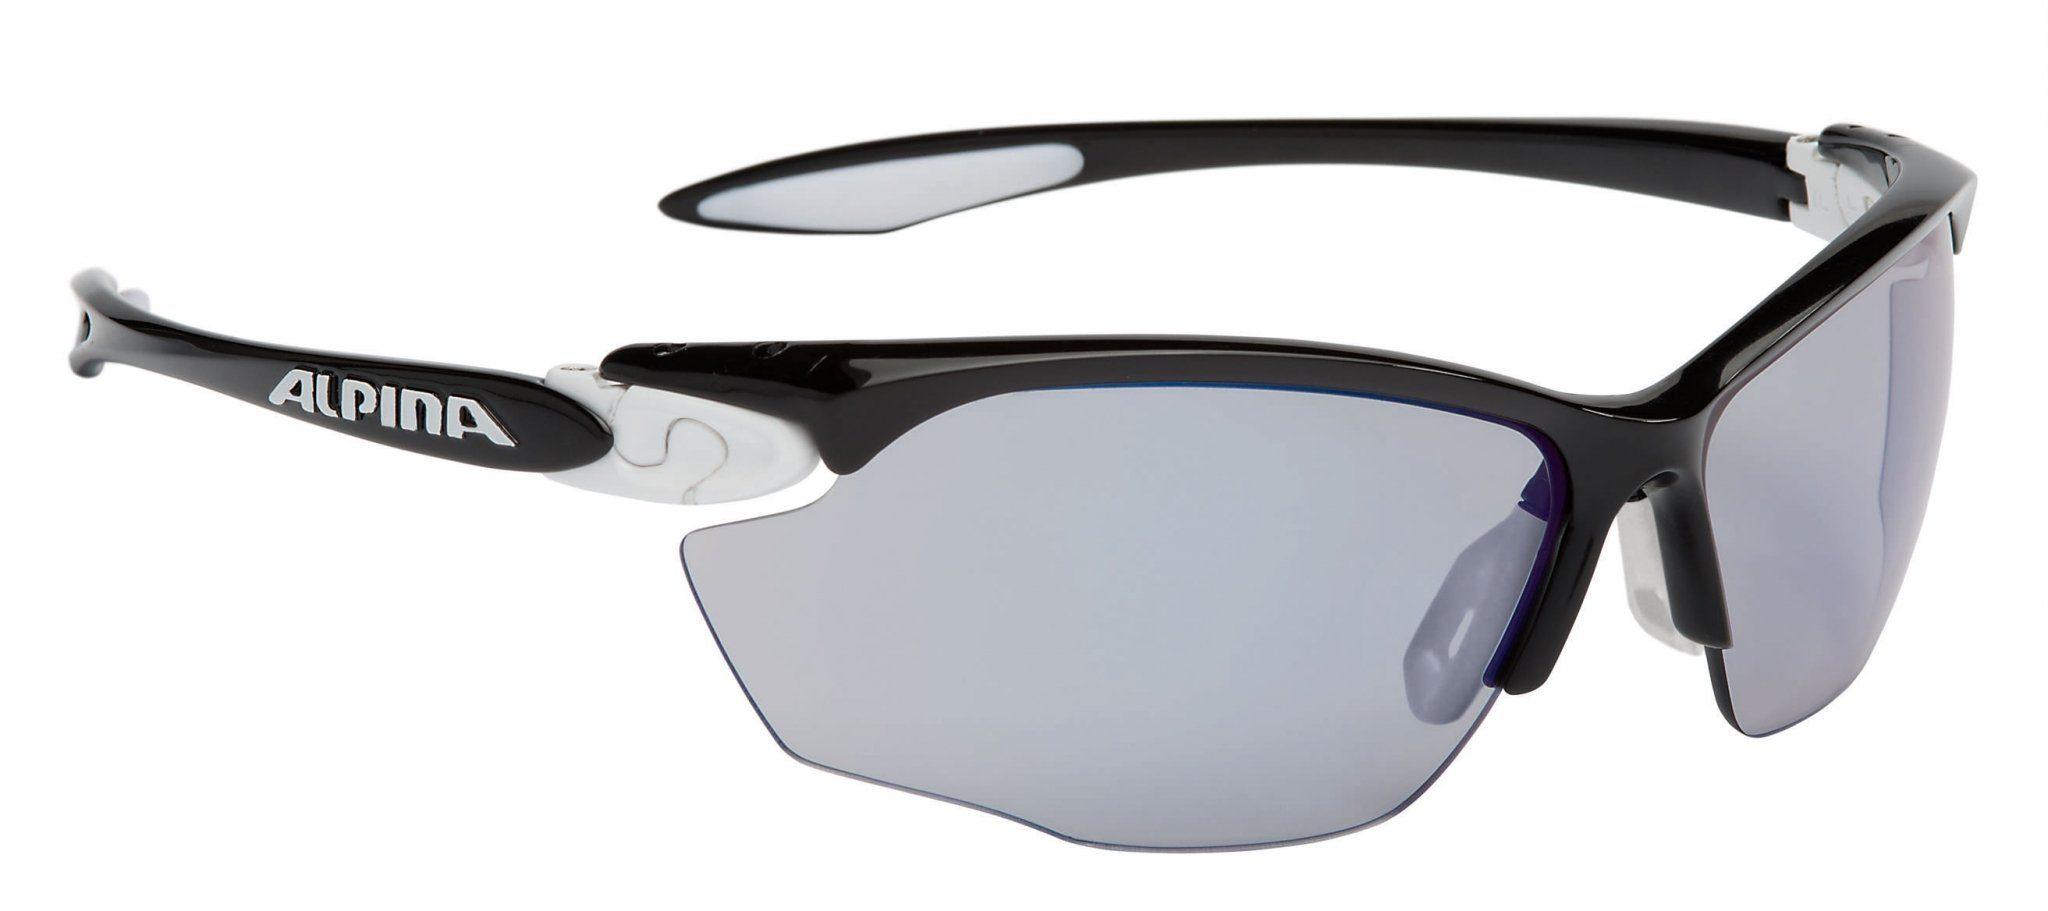 Alpina Radsportbrille »Twist Four VLM+«